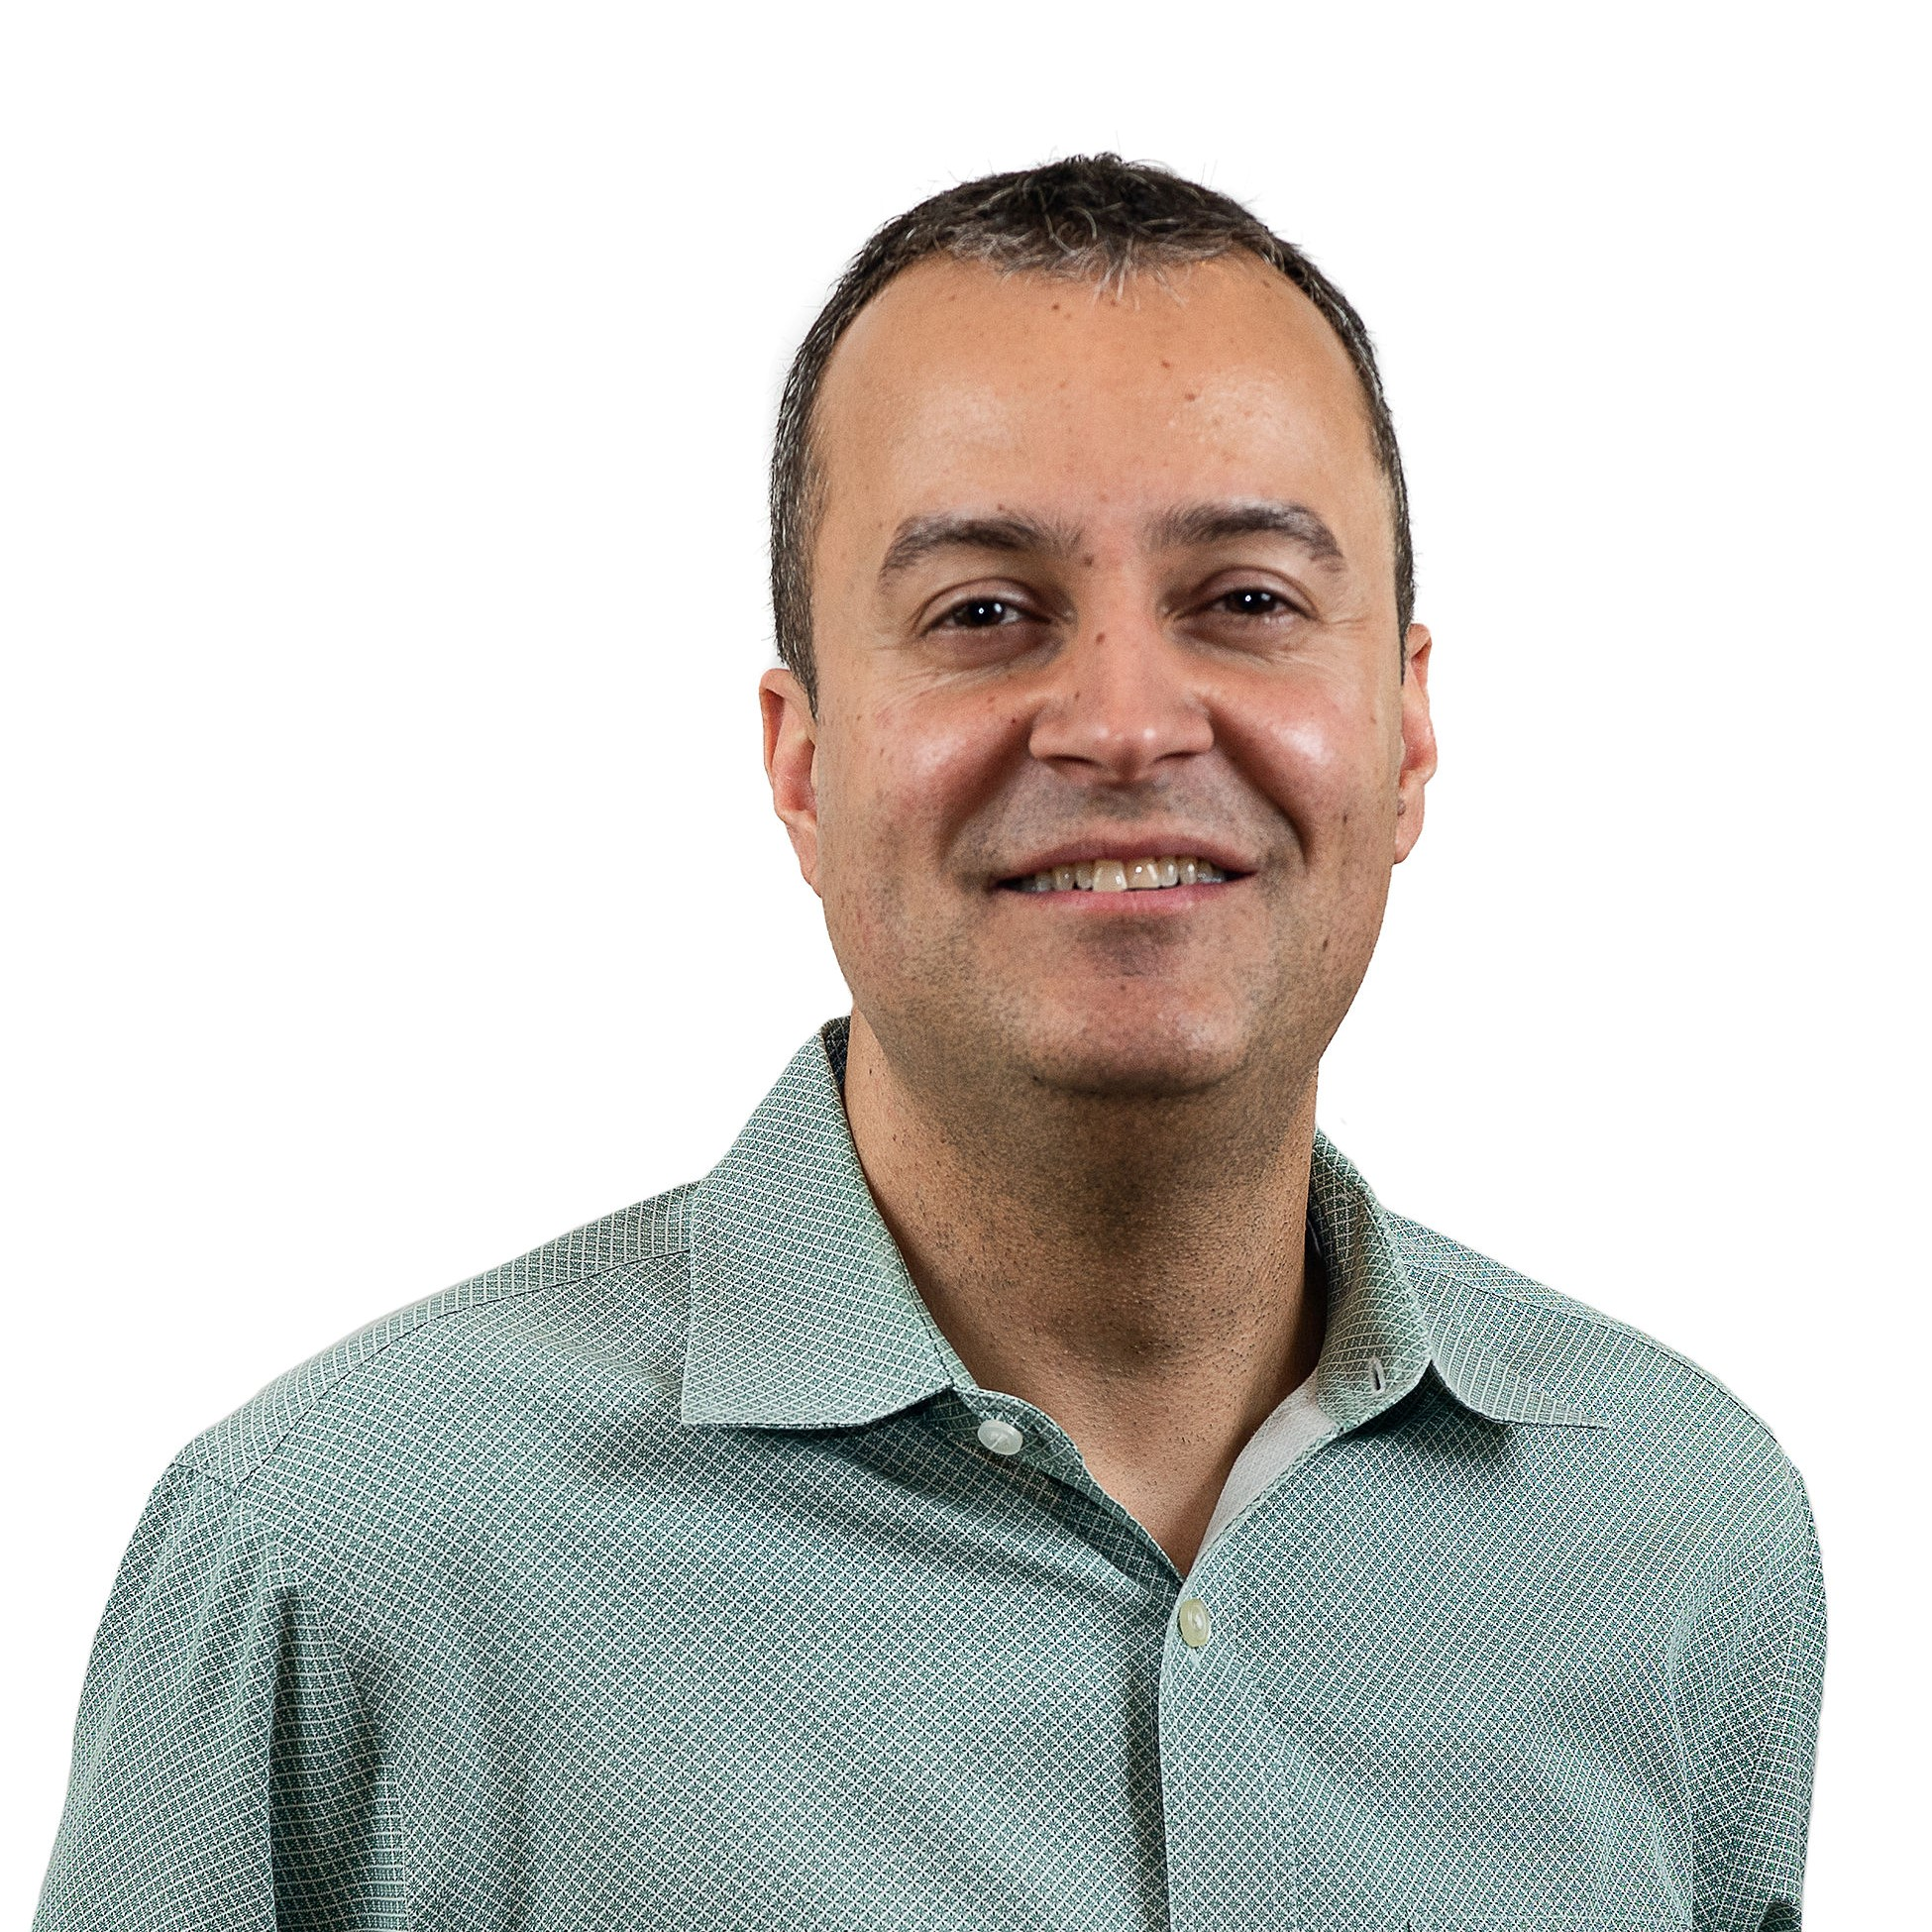 Tony Kauke